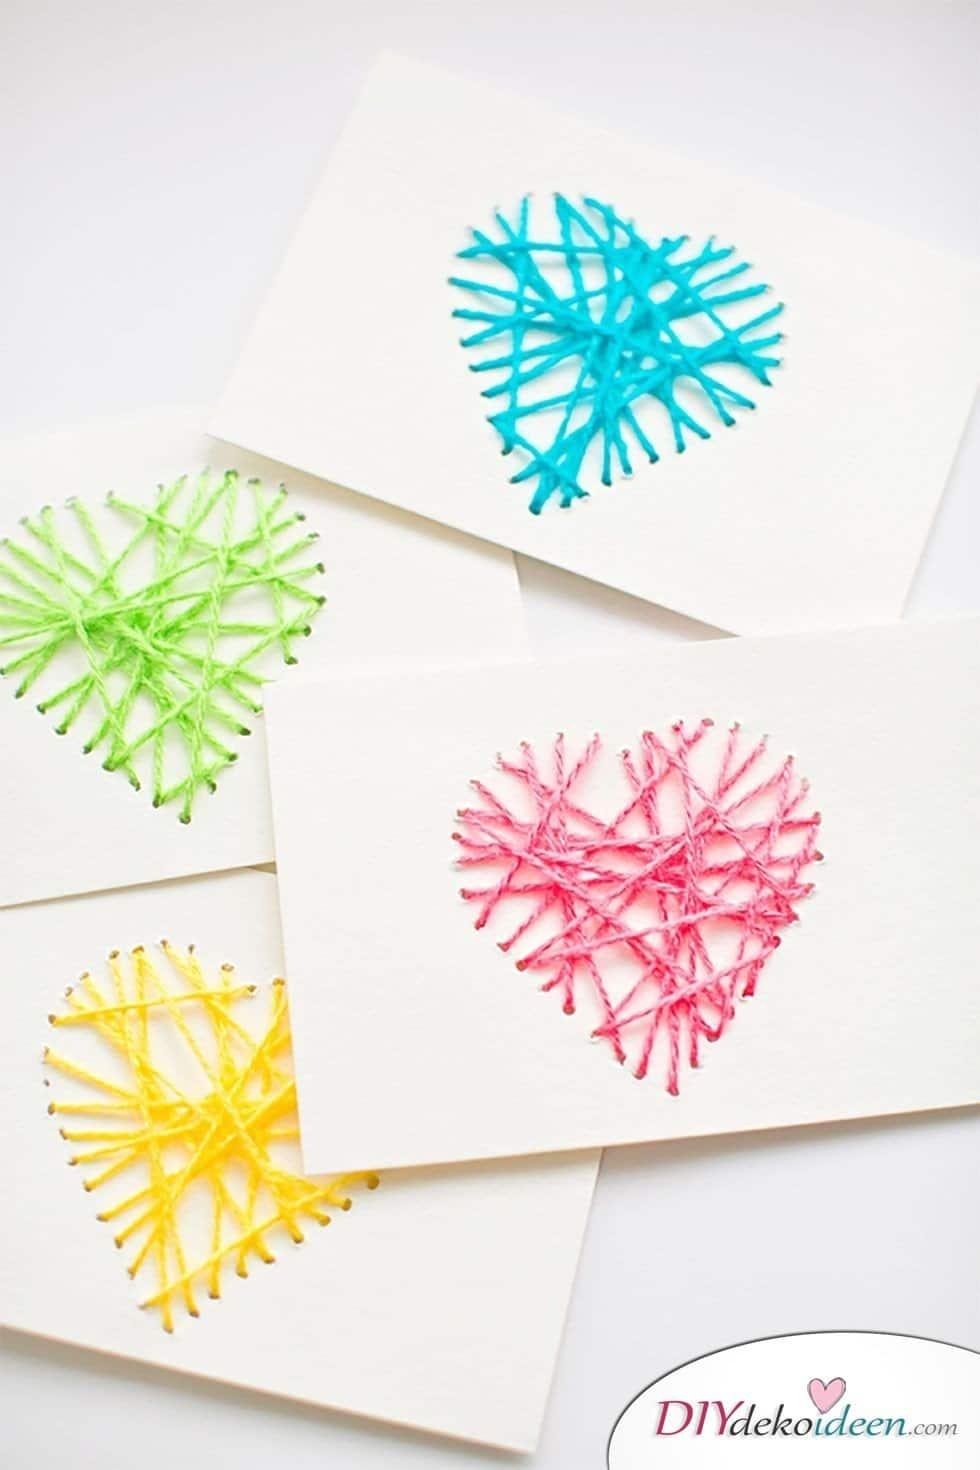 Valentinstag Karten basteln mit Garn,Valentinstag Karten basteln, Valentinstag, Valentinstag basteln, Valentinstag Bastelideen, DIY Bastelideen, romantisch, Karten basteln